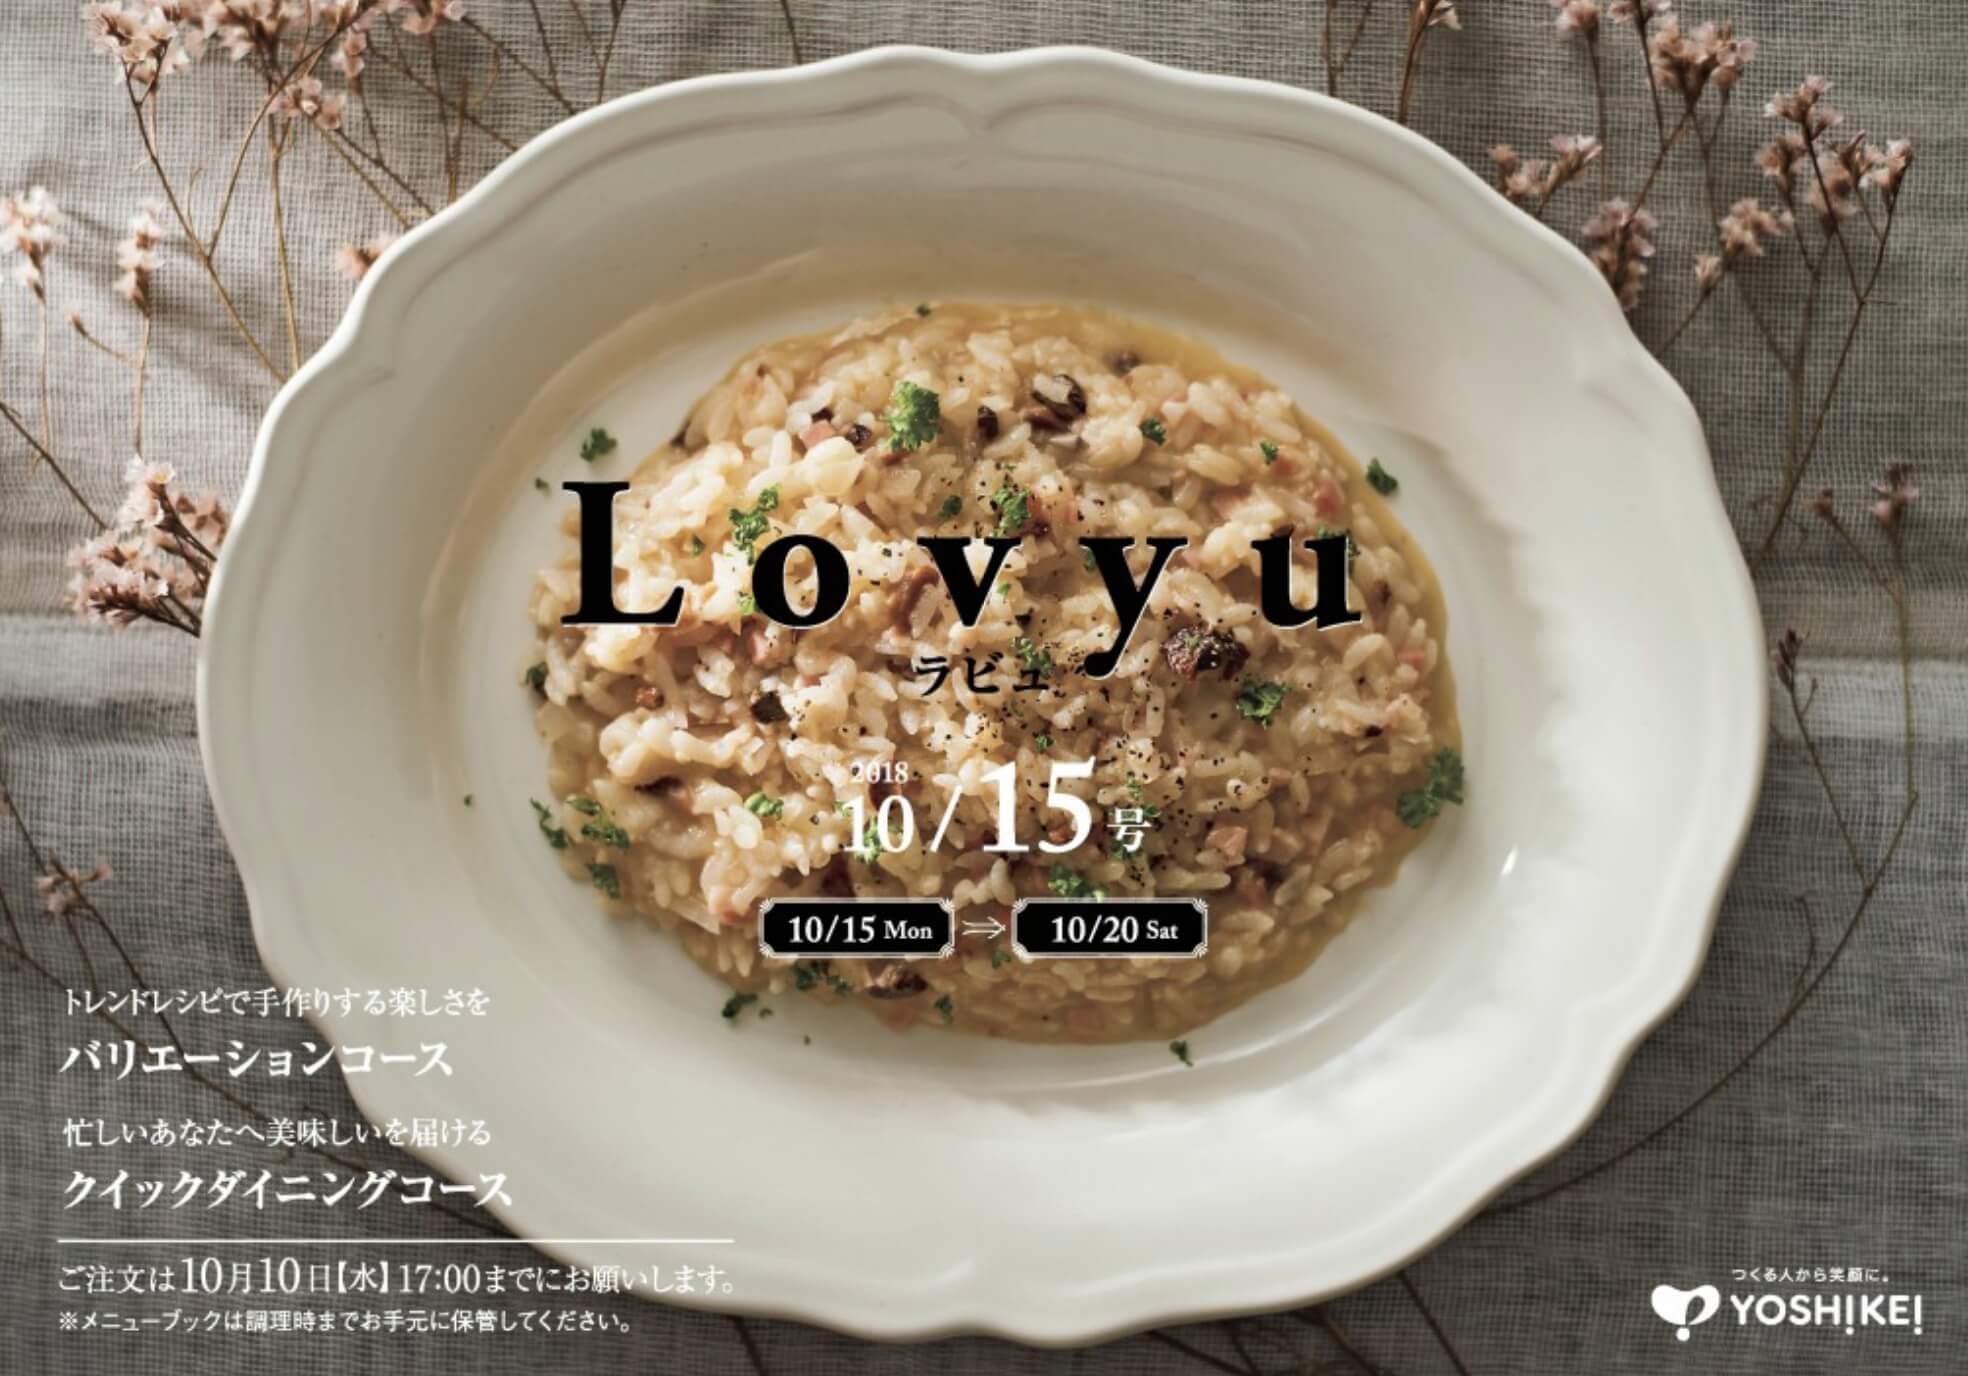 Lovyu